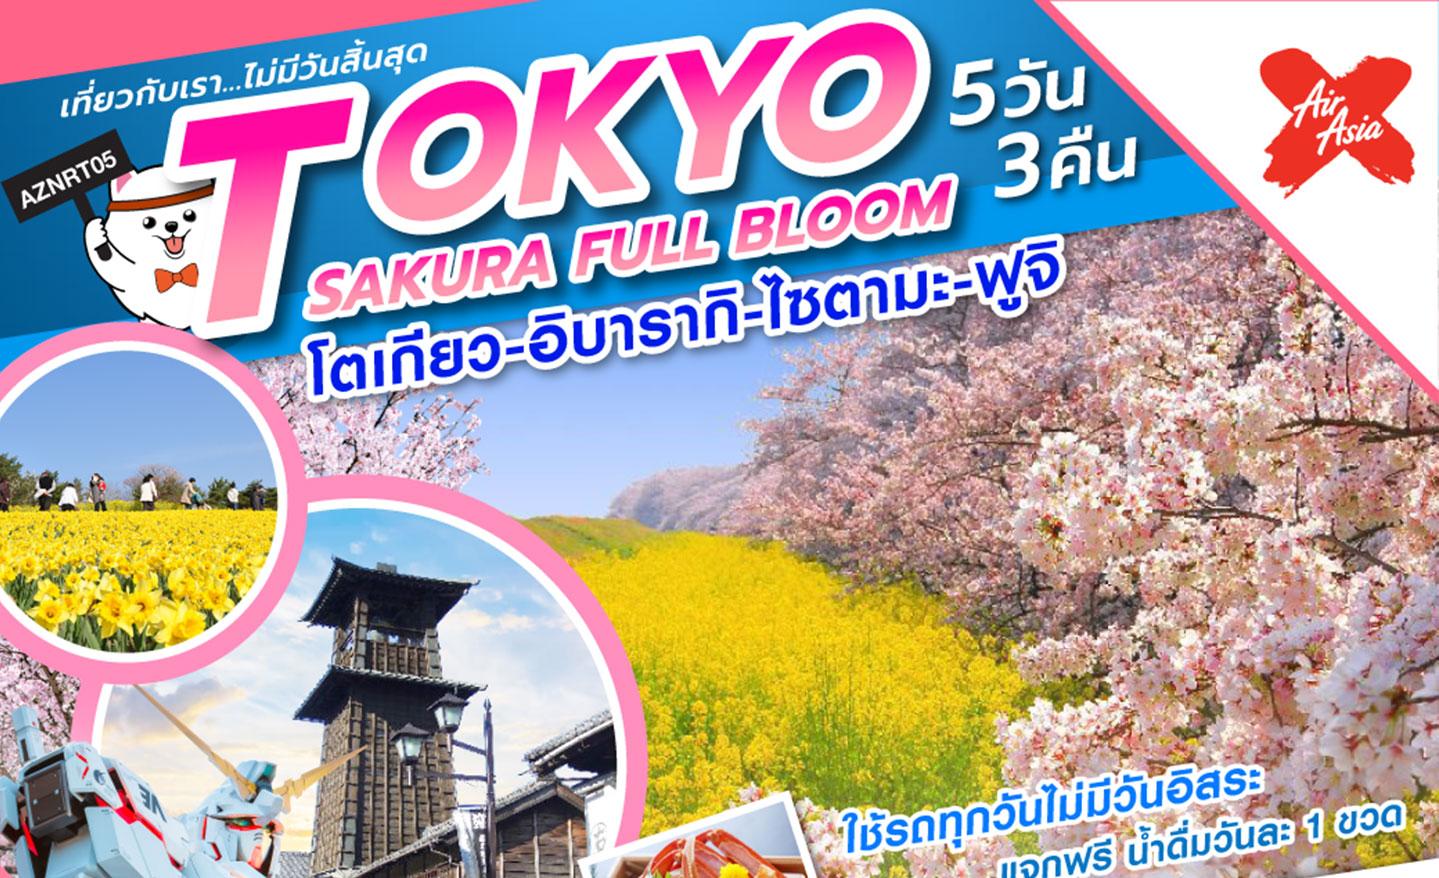 ทัวร์ญี่ปุ่น Tokyo Sakura Full Bloom (มี.ค.-เม.ย.62)